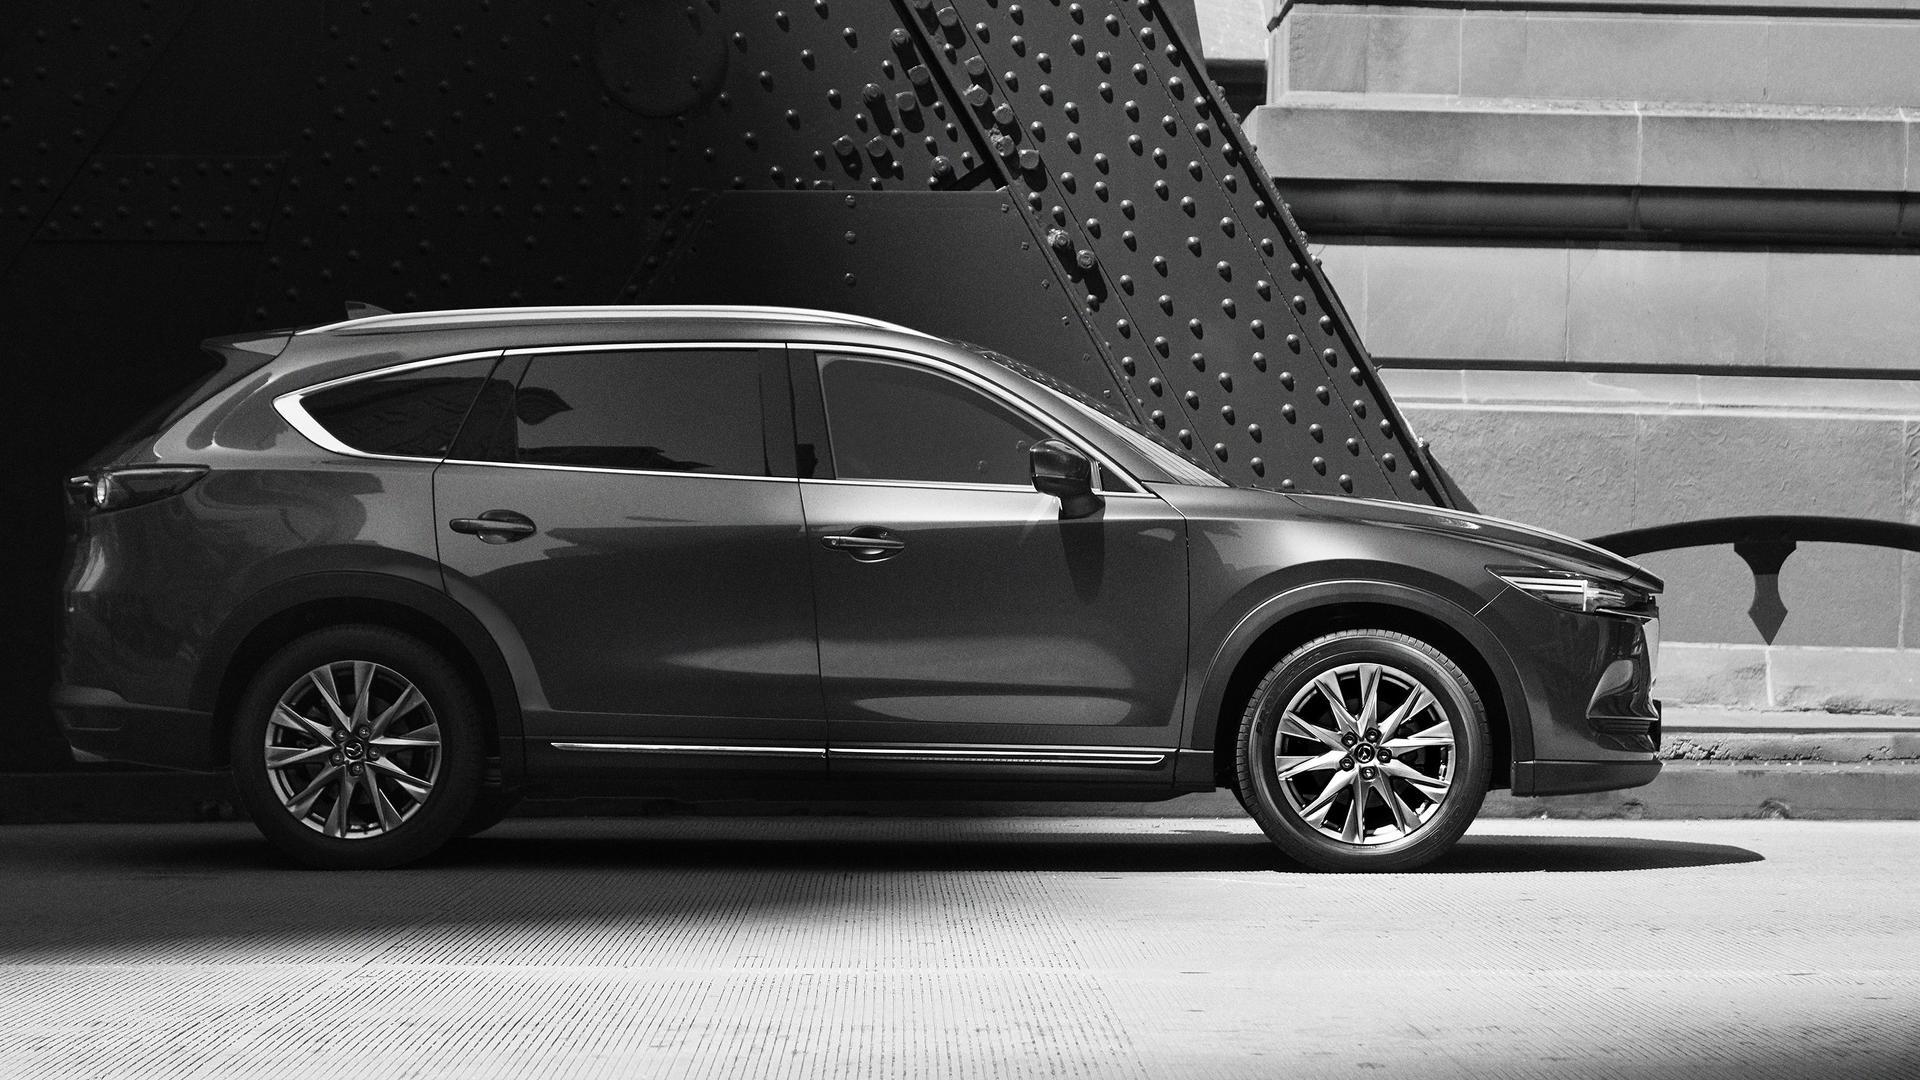 2018 Mazda Cx 8 Teased In Full It S More Cx 9 Than Cx 5 Autoevolution